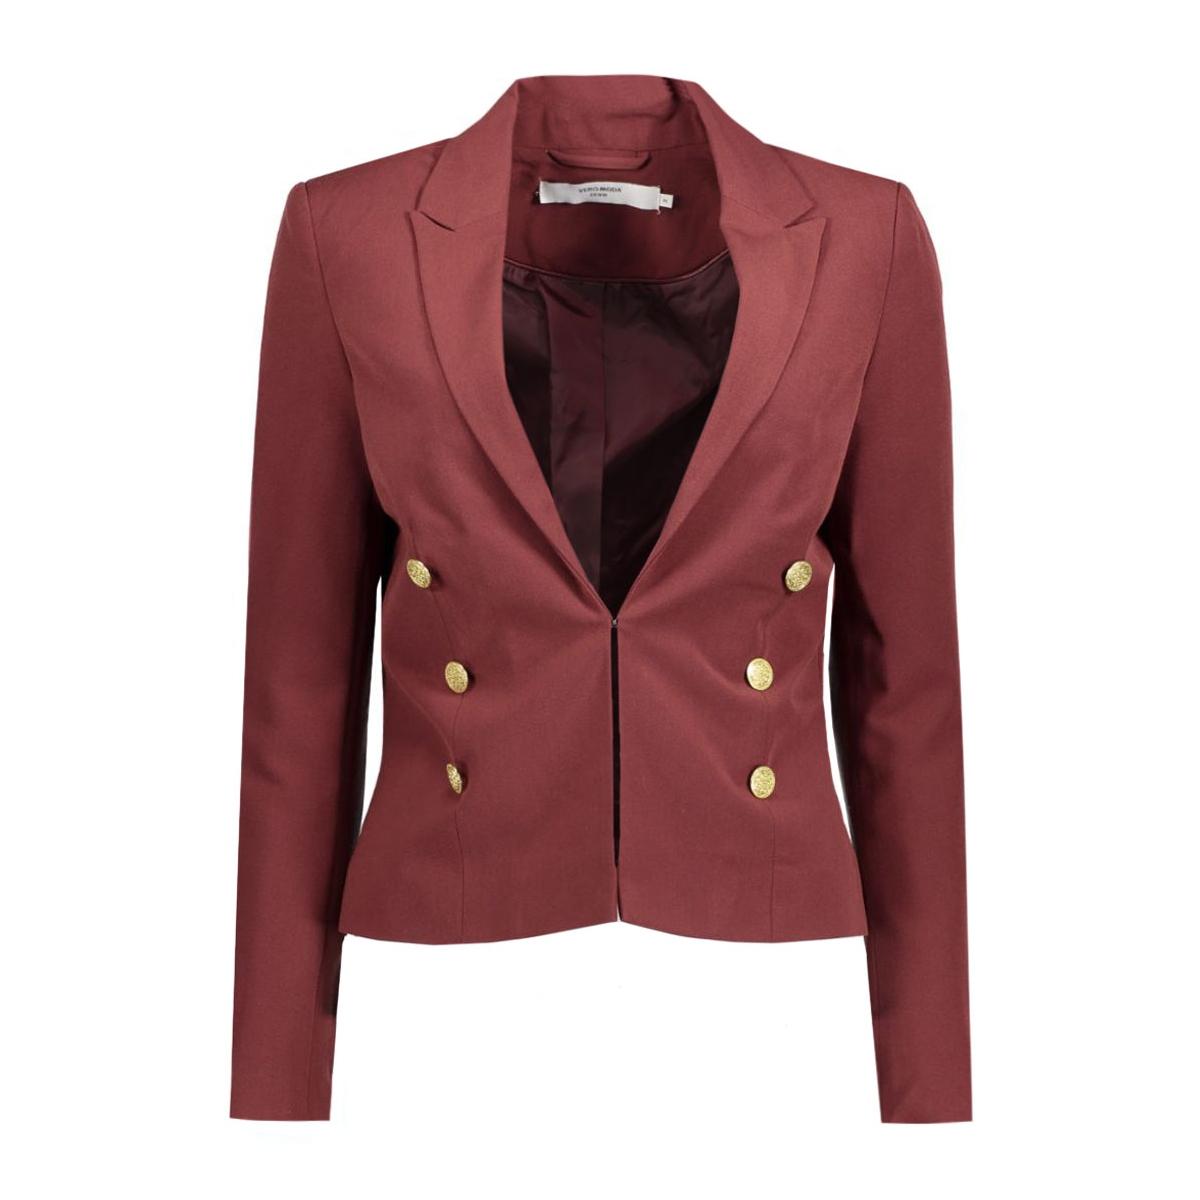 vmdana l/s blazer dnm a 10161971 vero moda blazer decadent chocolate